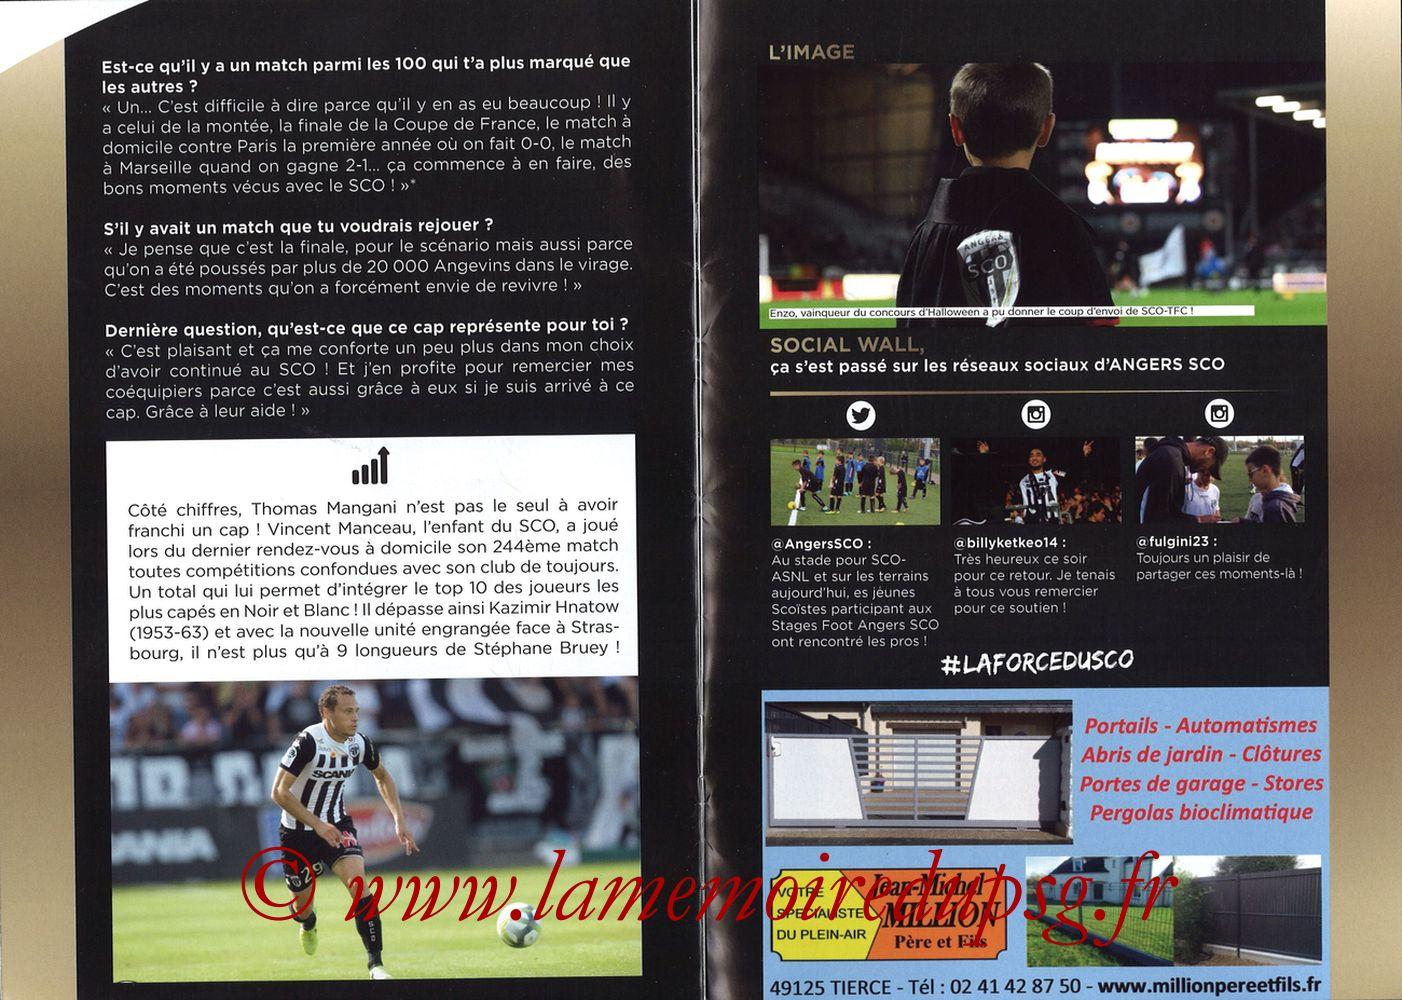 2017-11-04  Angers-PSG (12ème L1, Programme officiel) - Pages 08 et 09